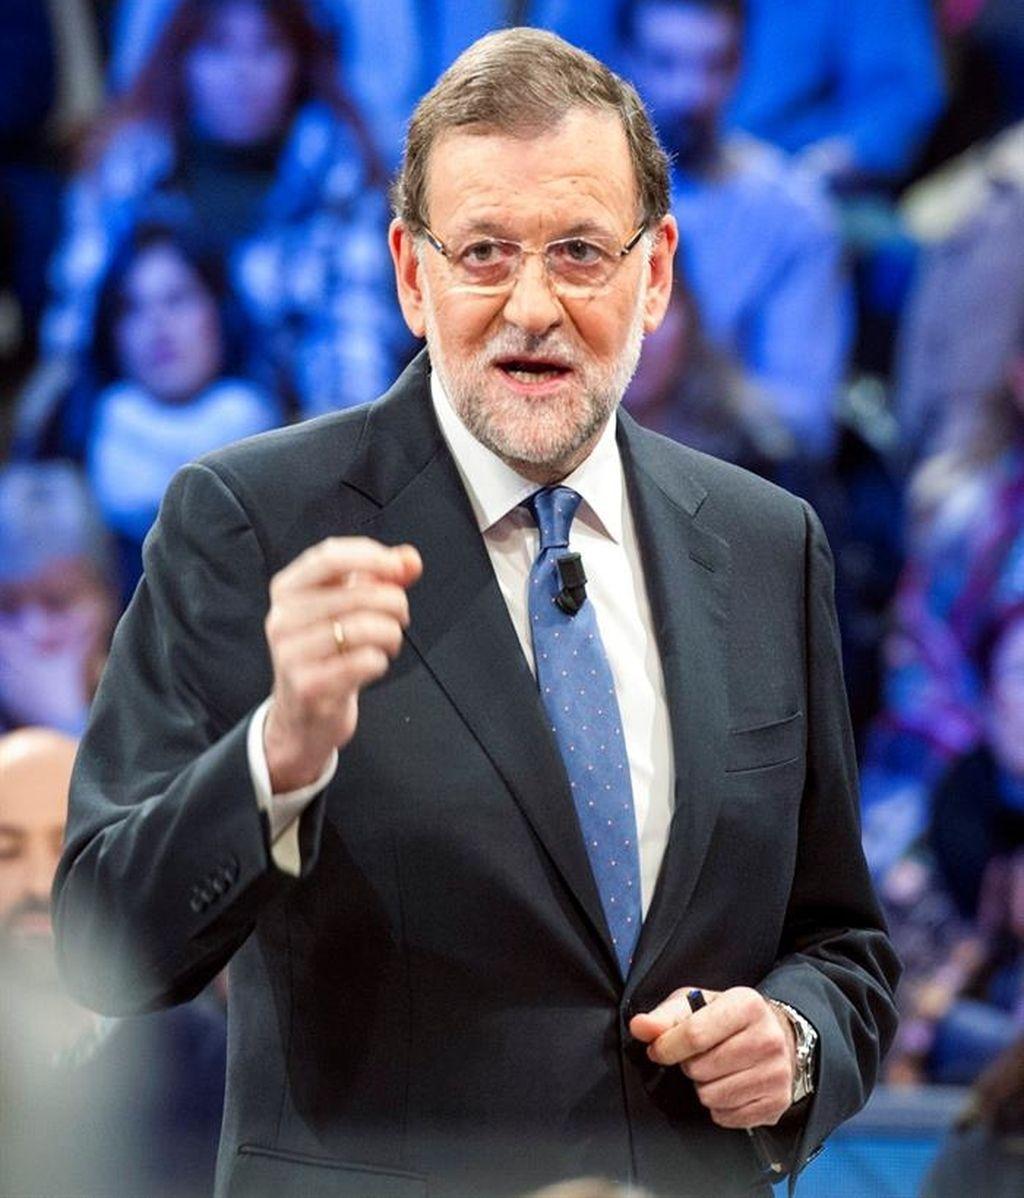 Rajoy ve fuera de 'parámetros democráticos' un tripartito PSOE, C's y Podemos contra PP